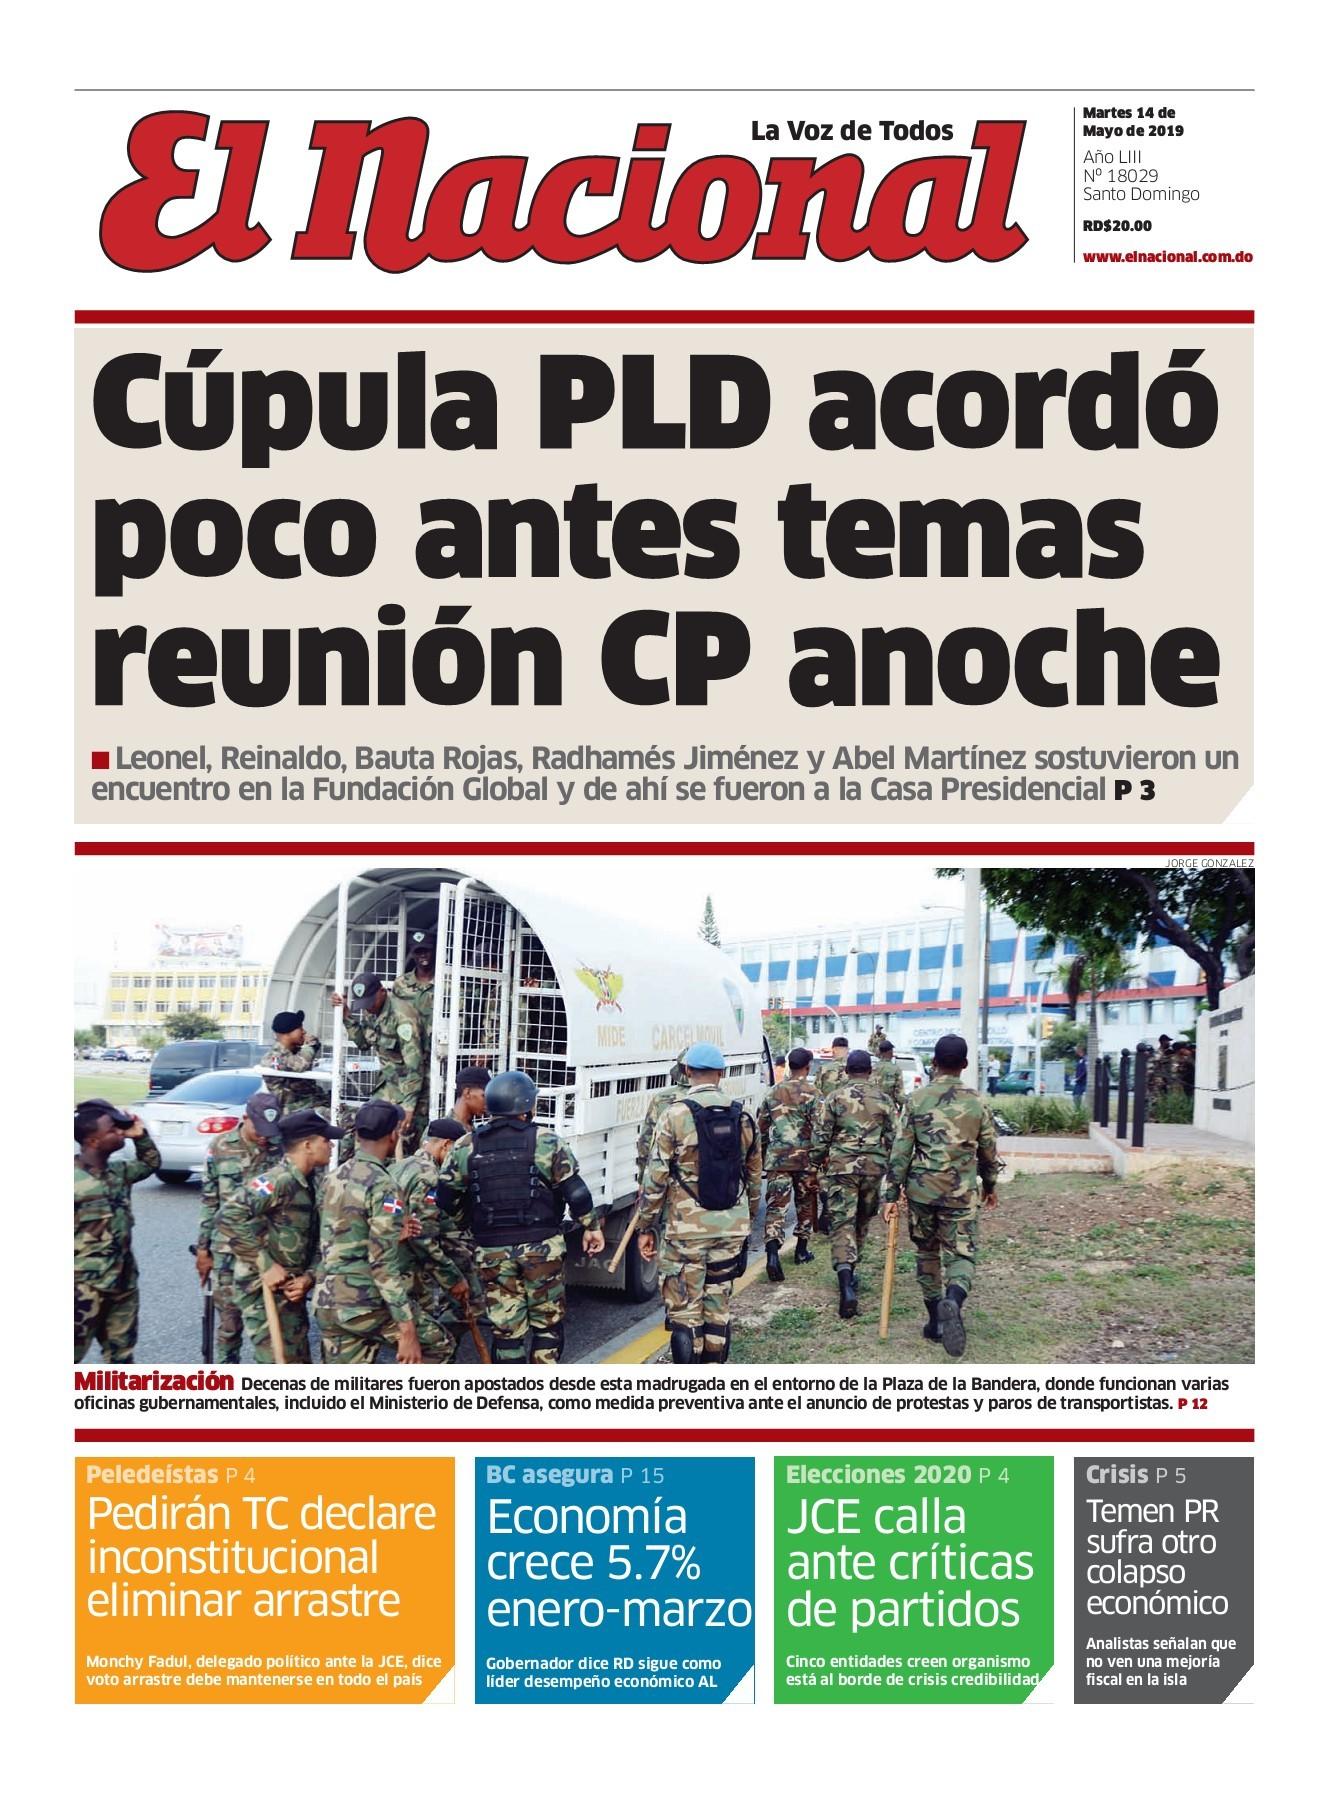 Portada Periódico El Nacional, Martes 14 Mayo 2019